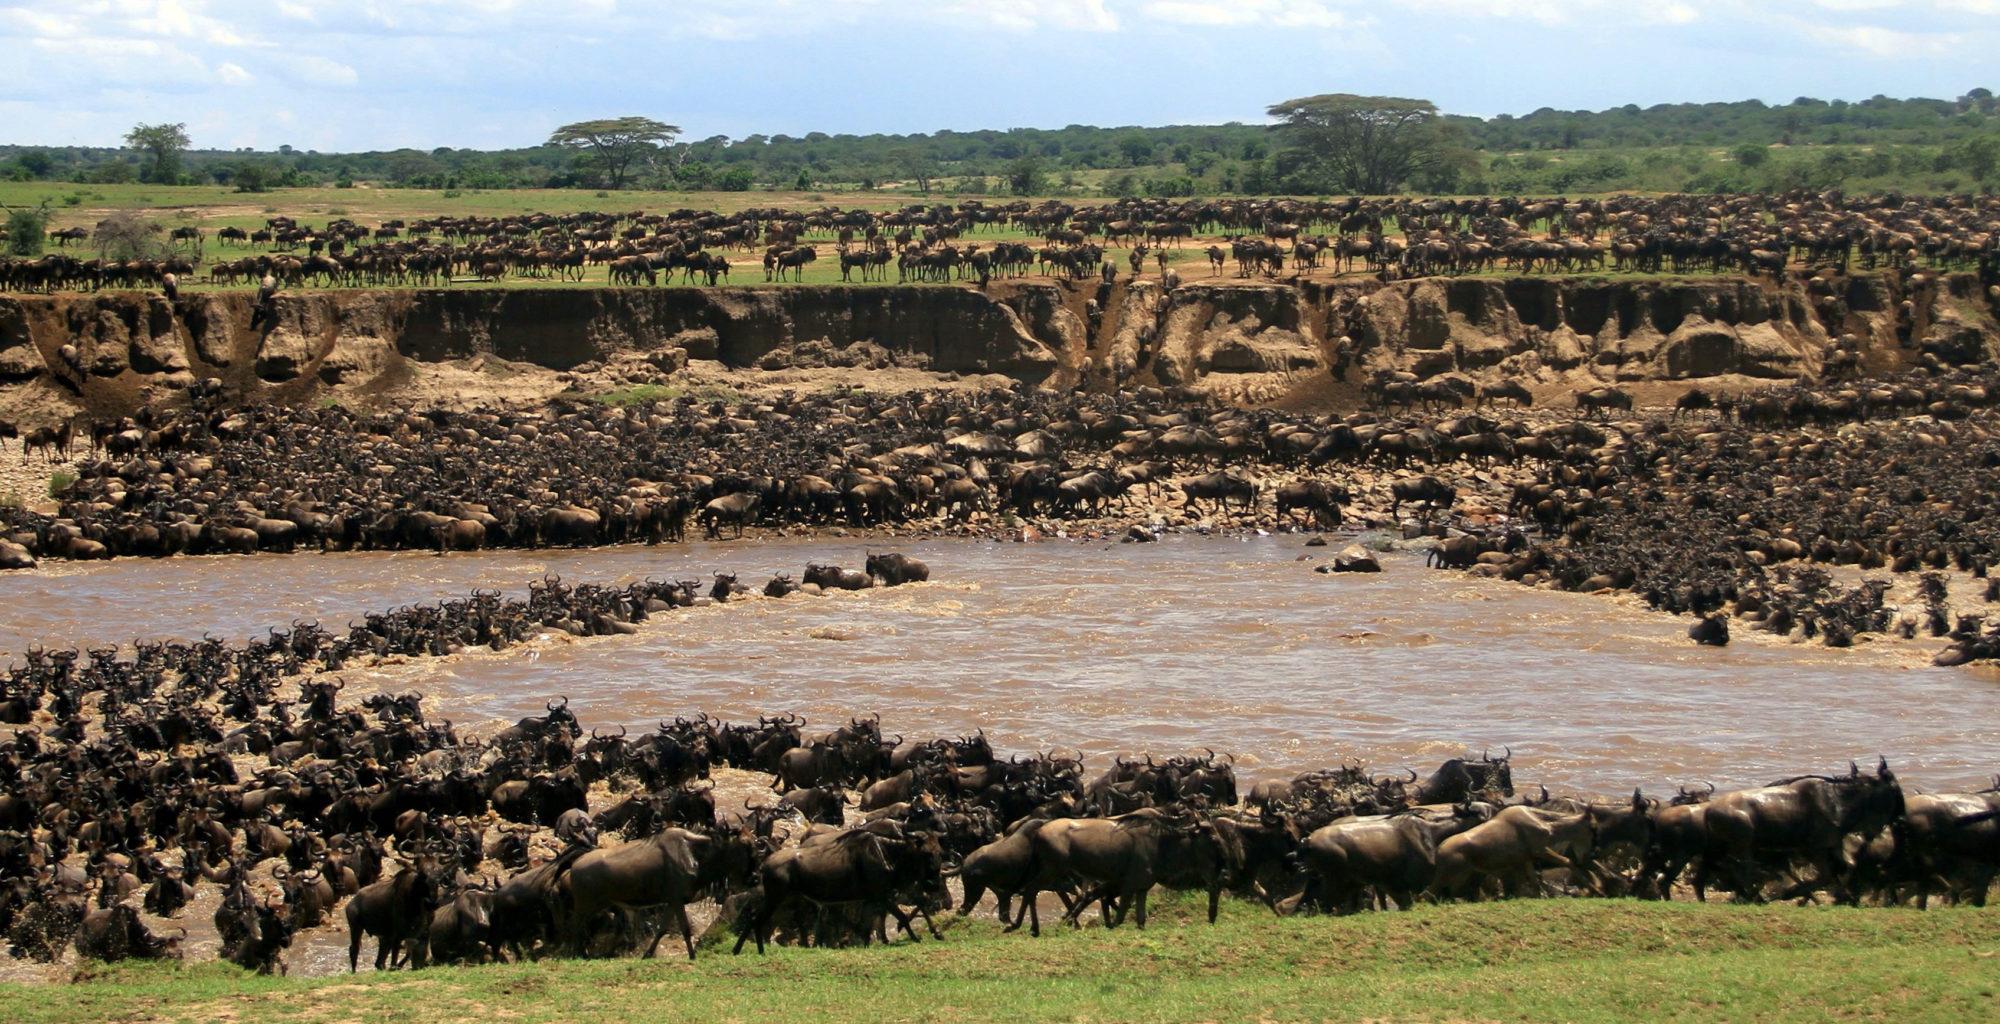 Tanzania-Legendary-Serengeti-Camp-Wildebeest